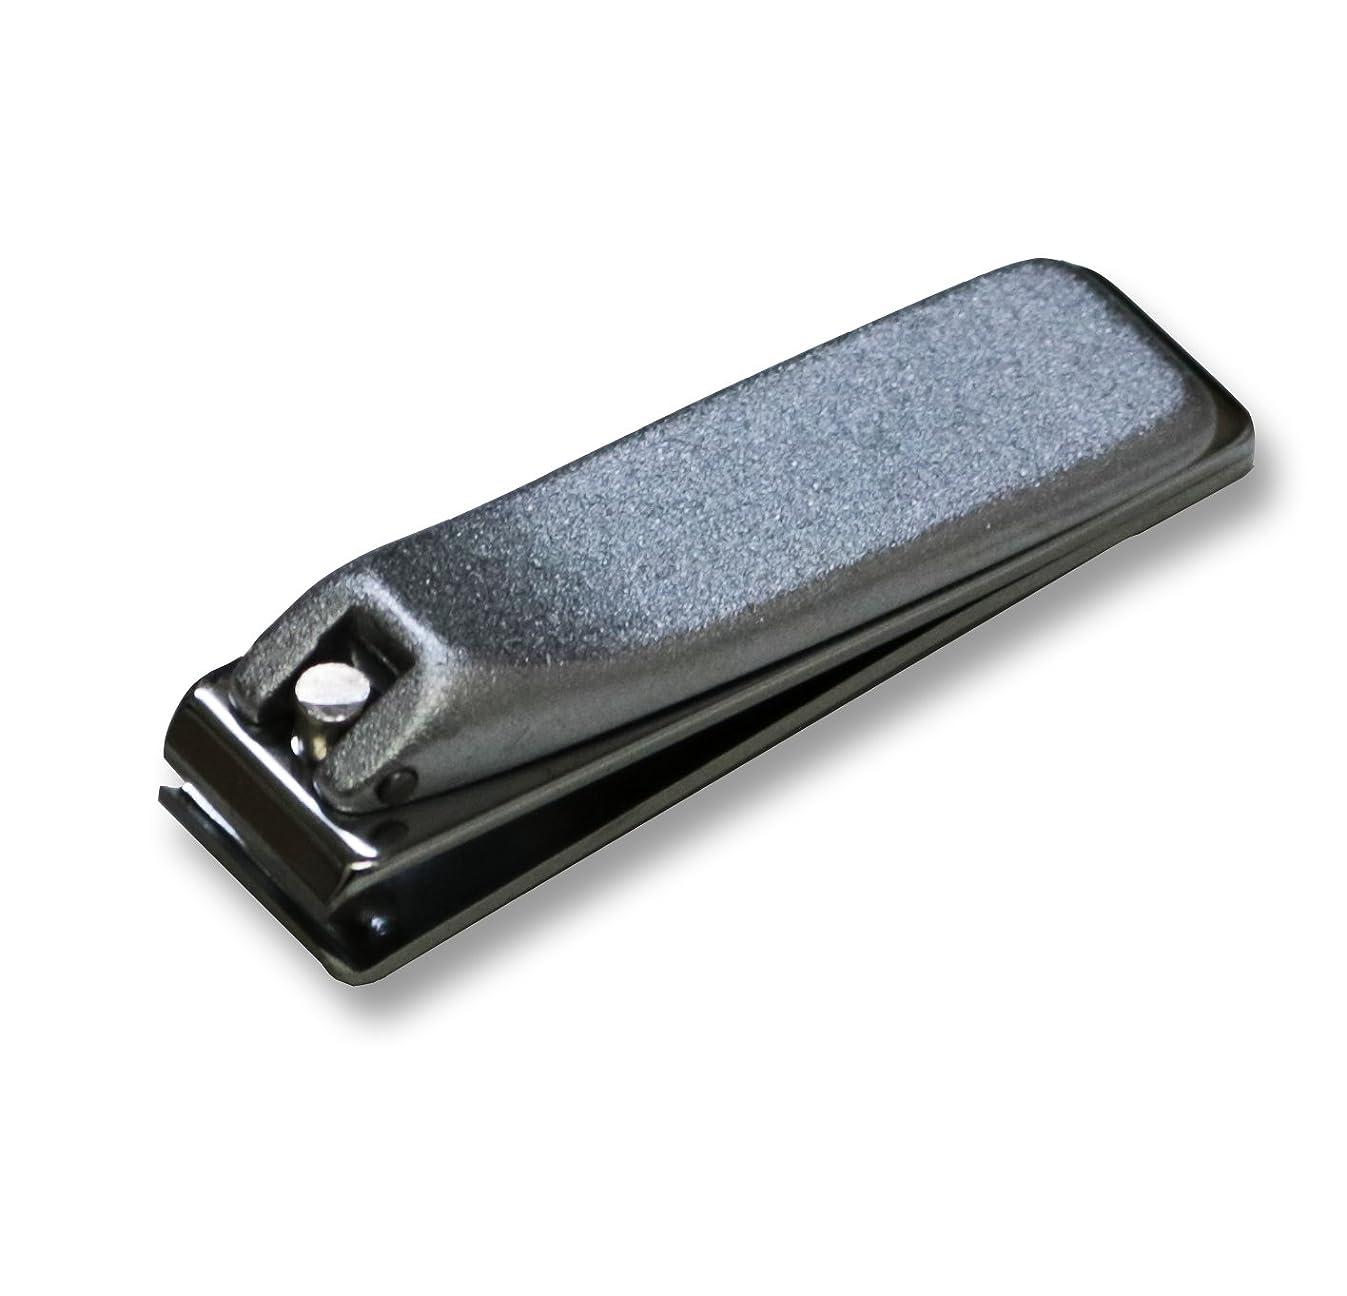 ファンタジー乗り出す感じKD-035 関の刃物 クローム爪切 直刃 小 カバー無